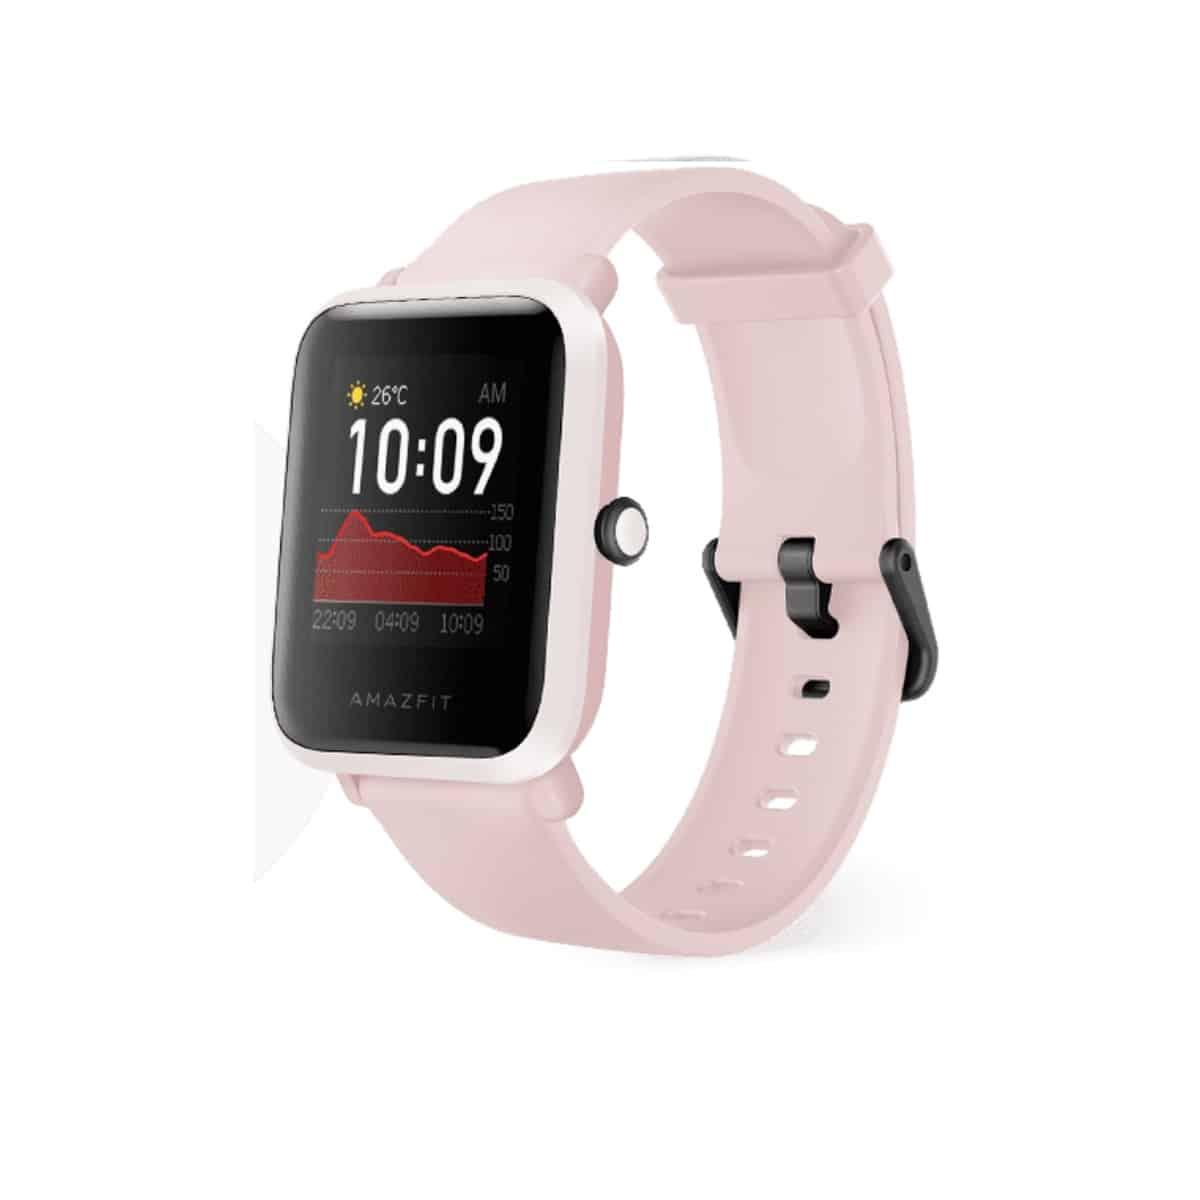 Smartwatch Amazfit Bip S Warm Pink